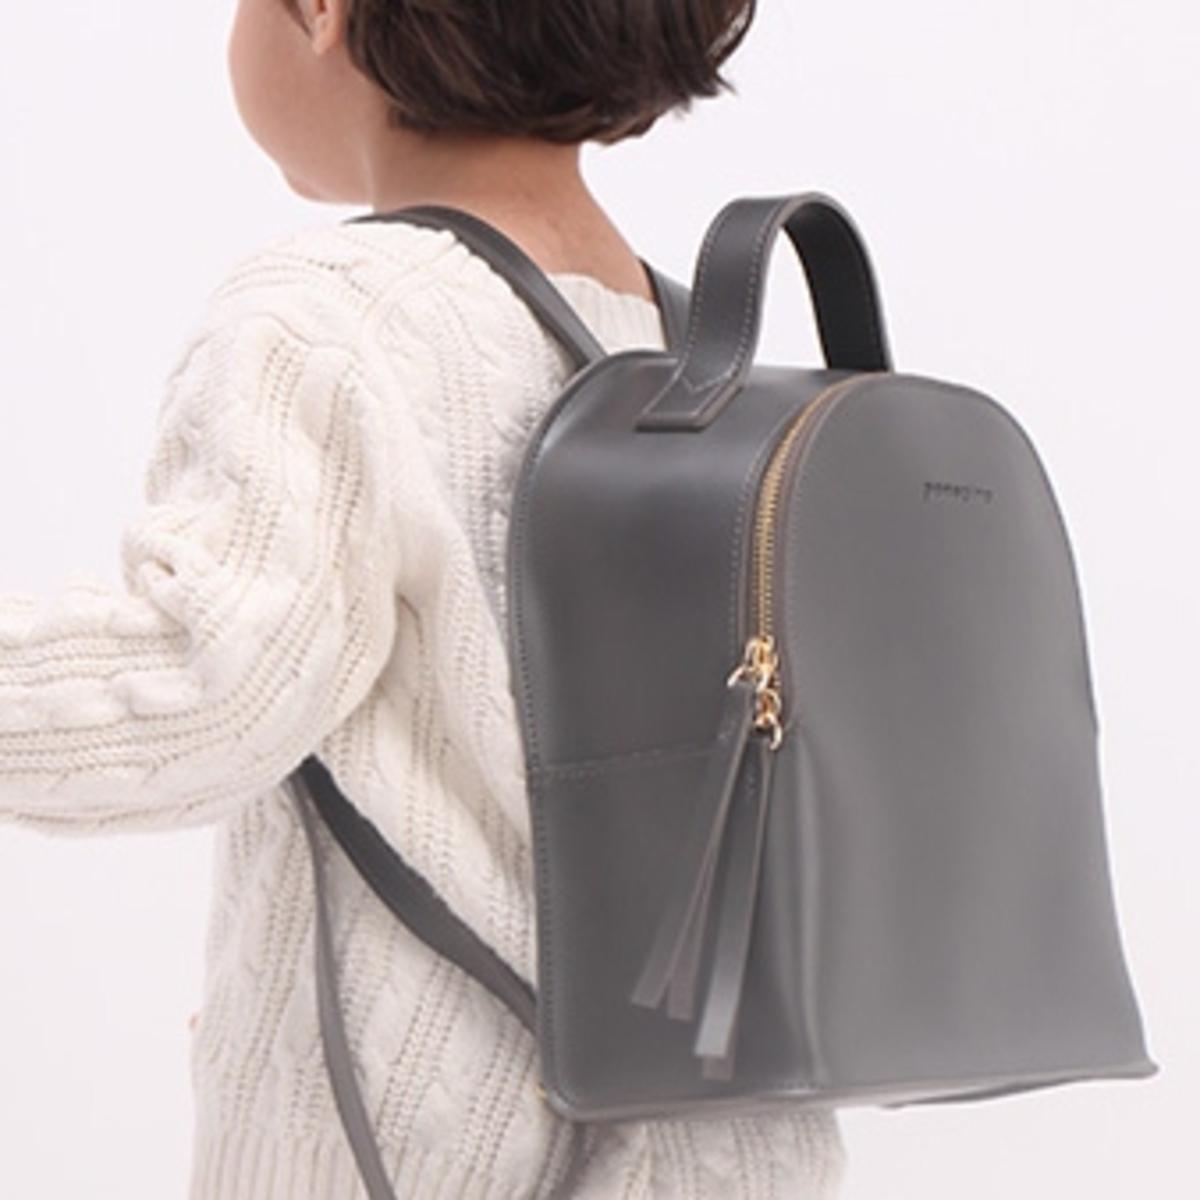 ponopino kooni baby bag_gray